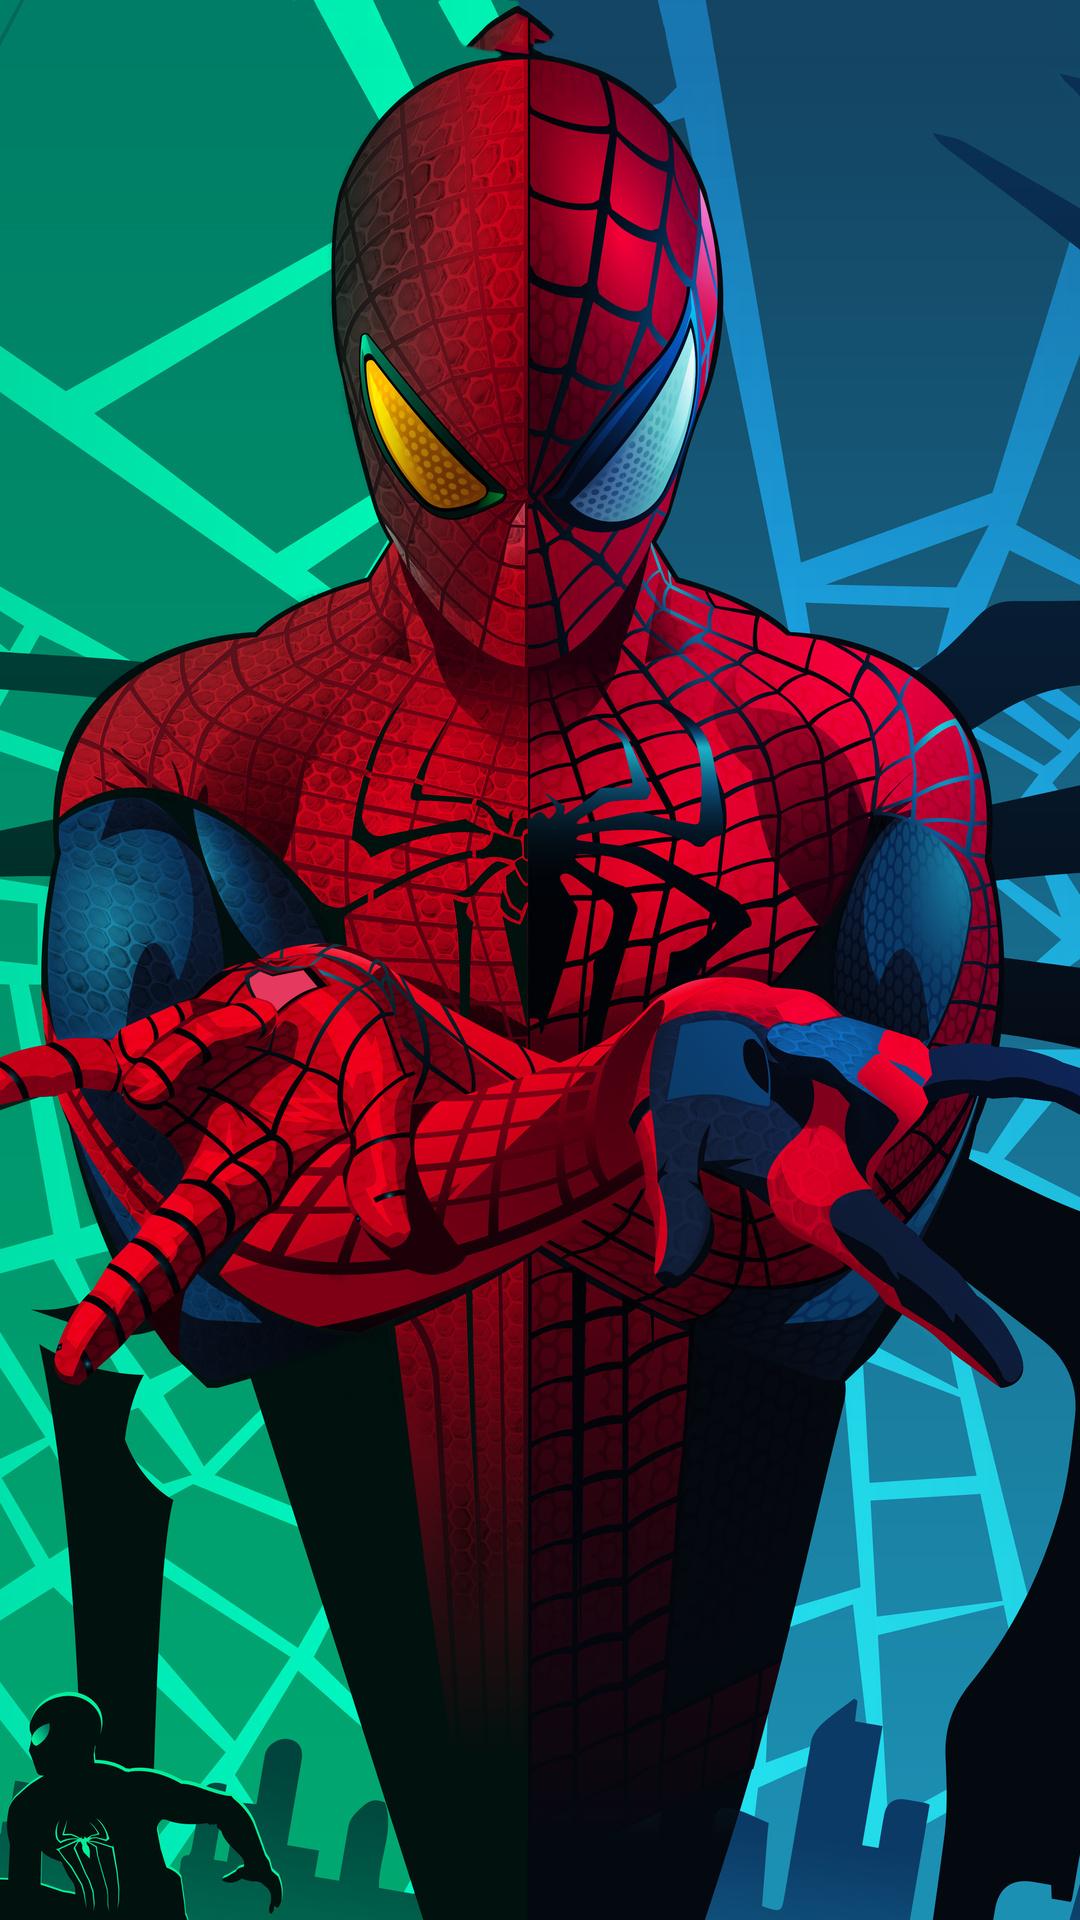 spider-man-8k-2020-p7.jpg